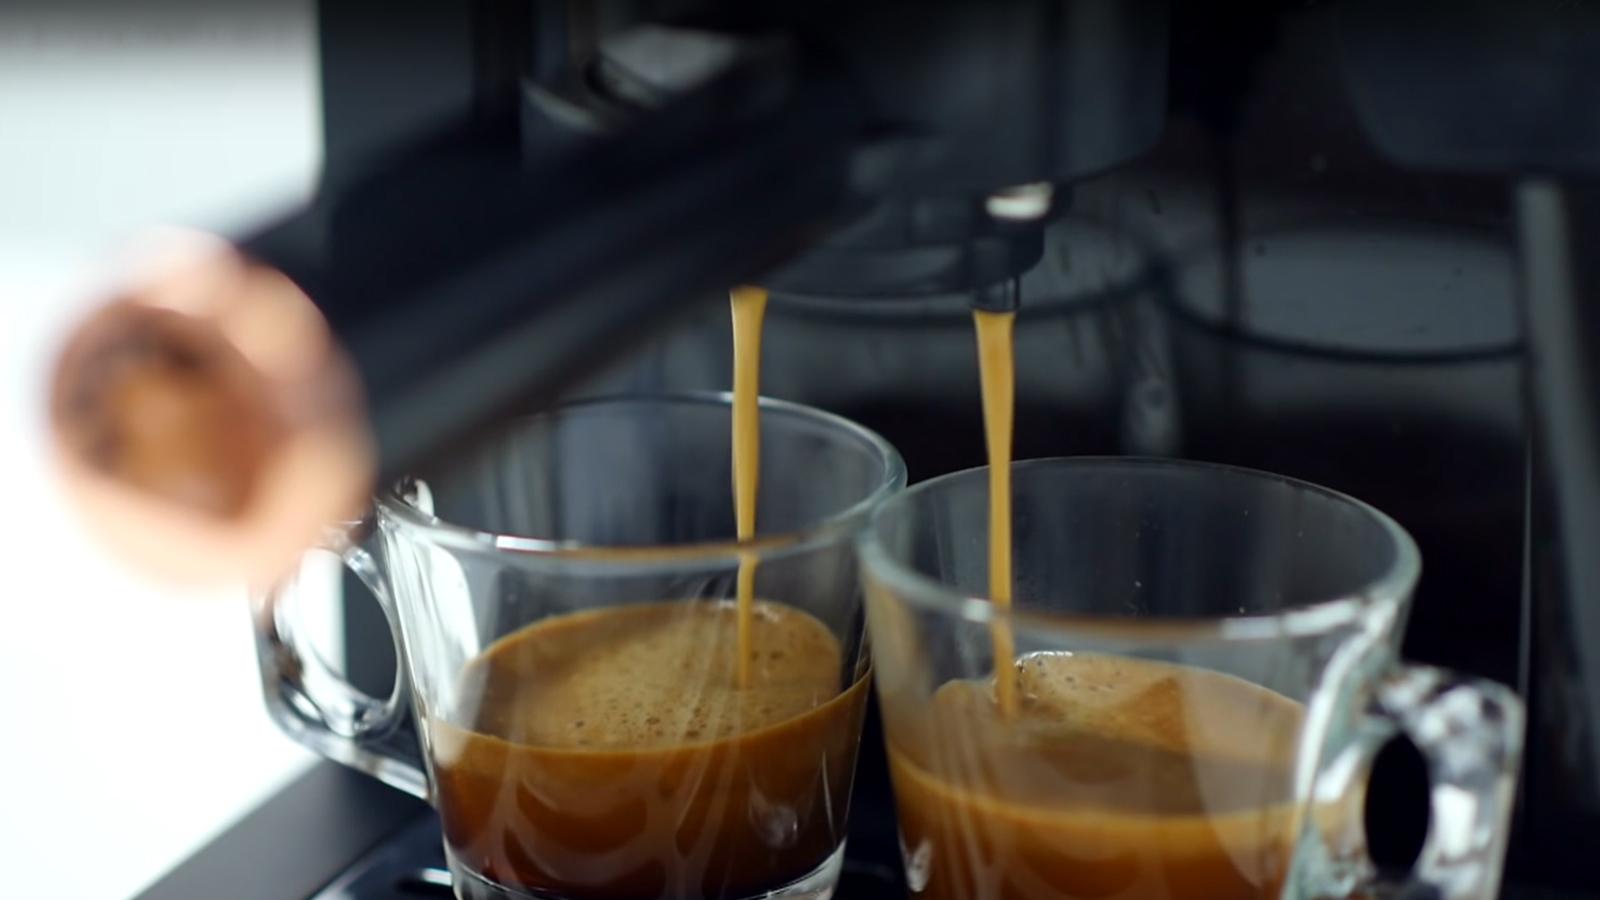 Como testamos as máquinas de café